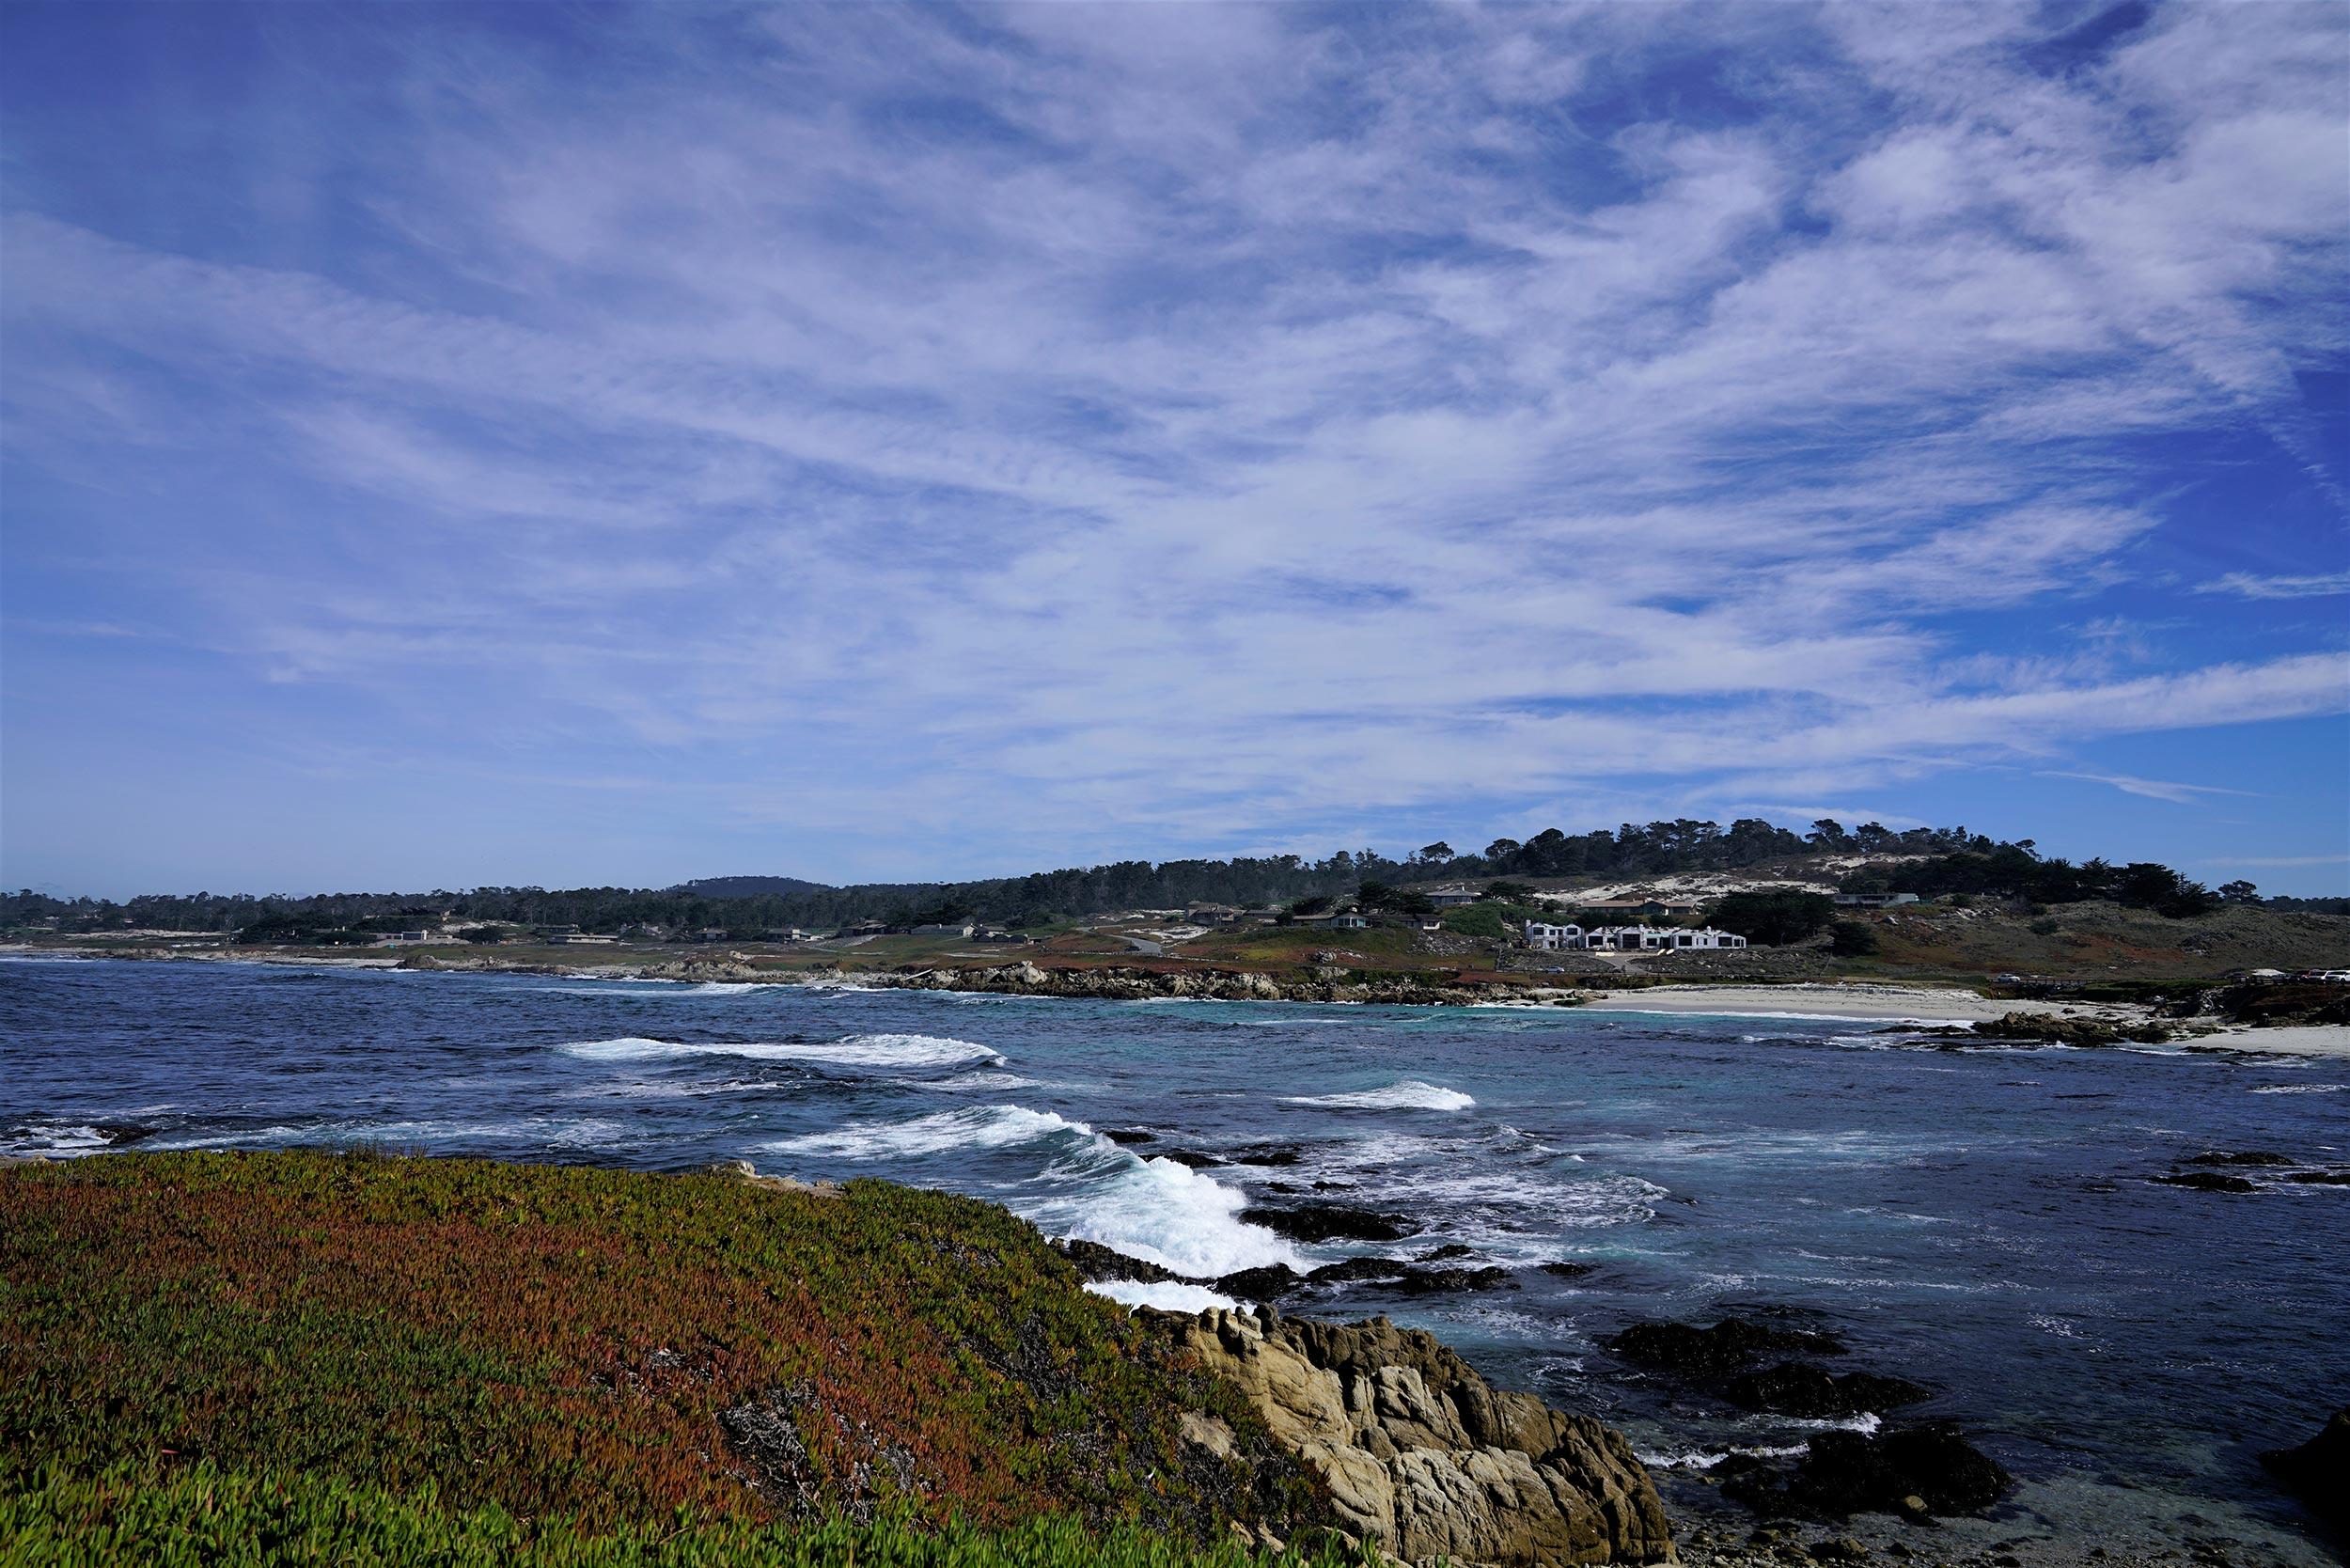 Waves crashing along the Monterey Coast